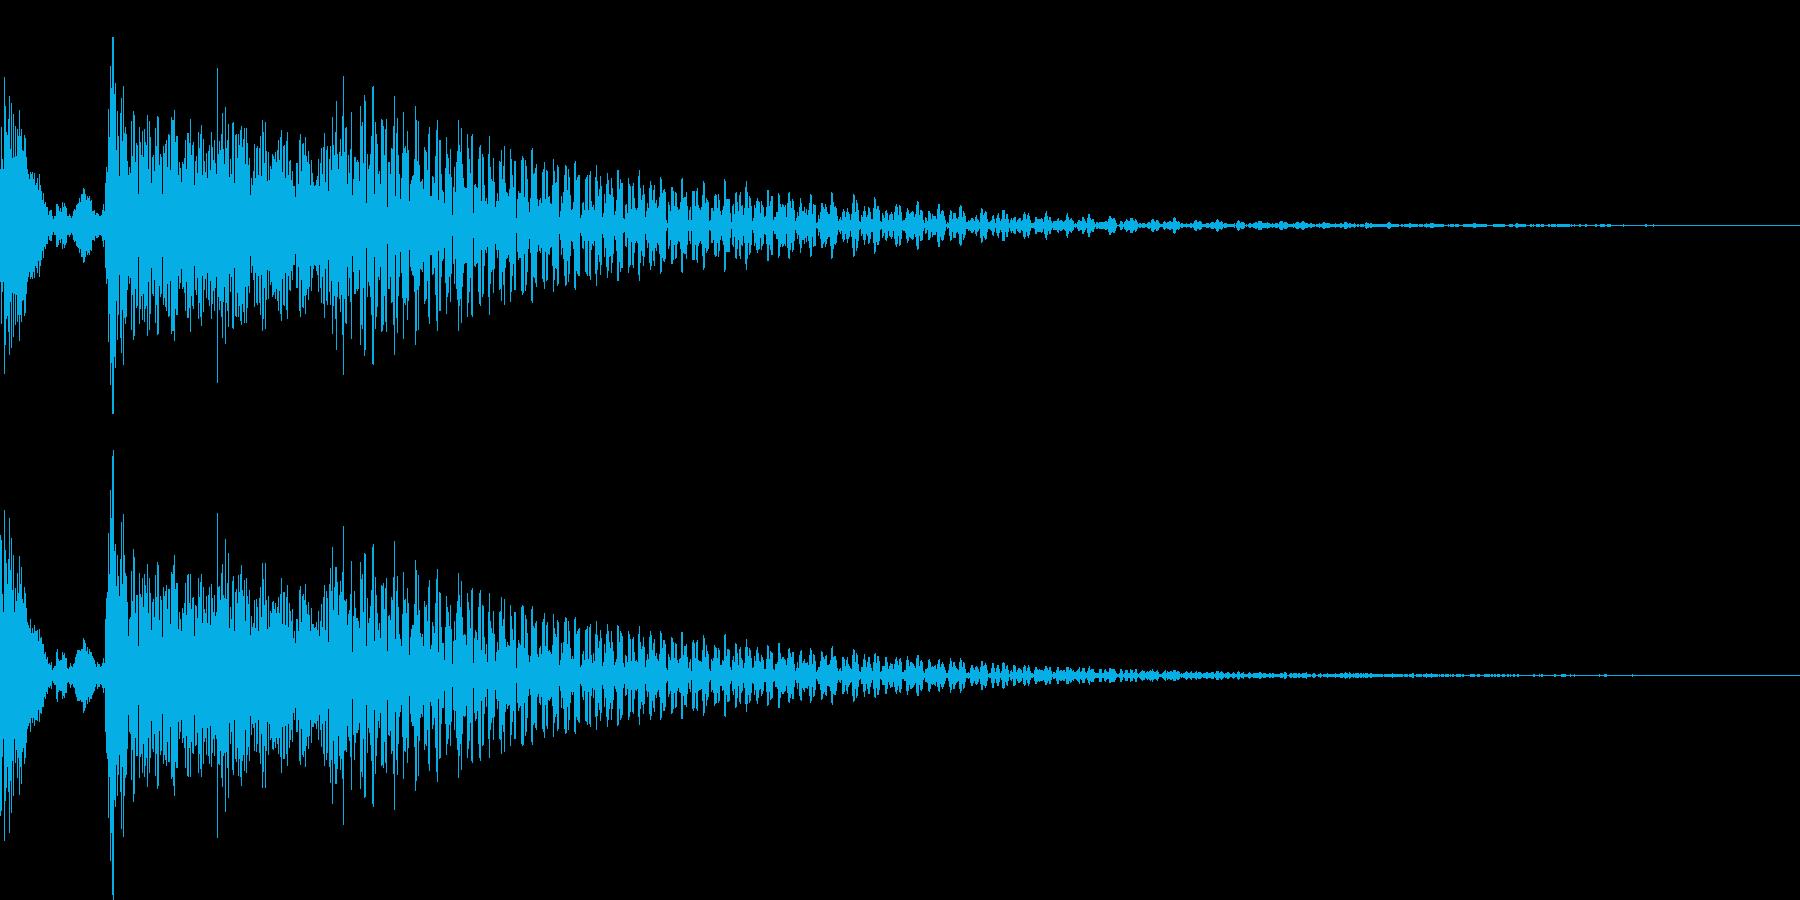 ポロロロン(スワイプ キャンセル 移動)の再生済みの波形